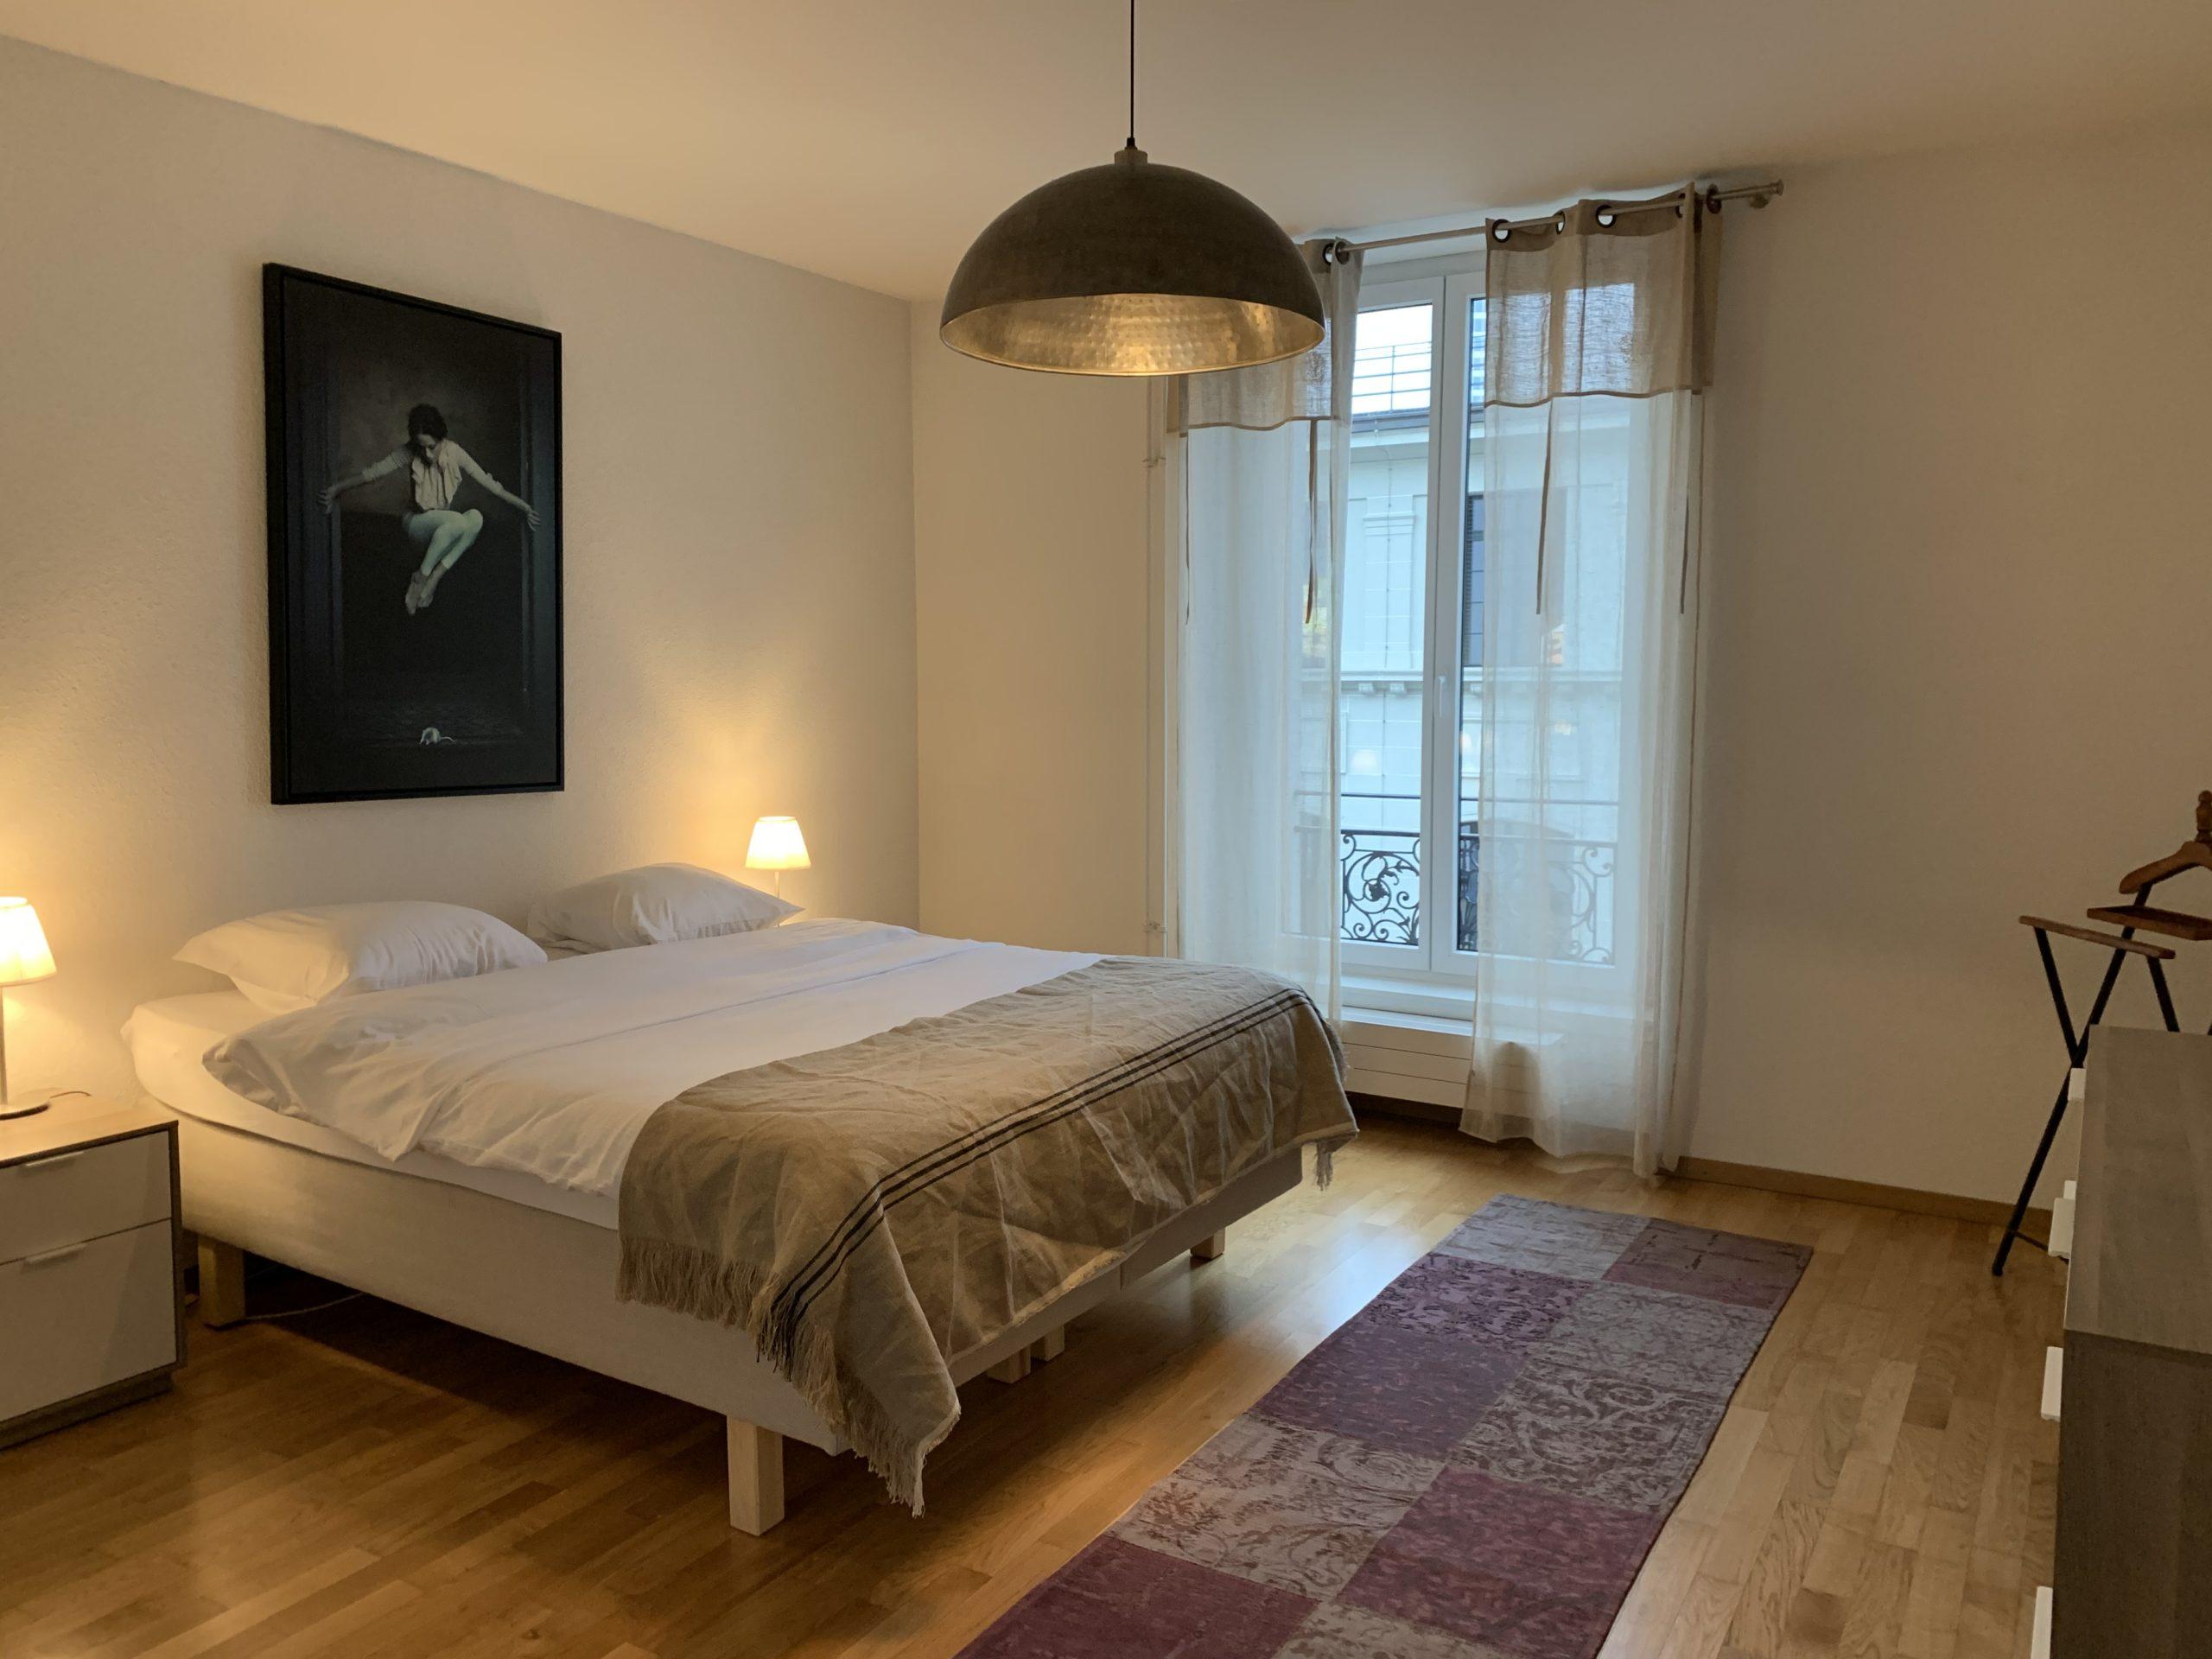 Ch. du Closelet 4, Lausanne - 3,5 pièces - Lot 21 20